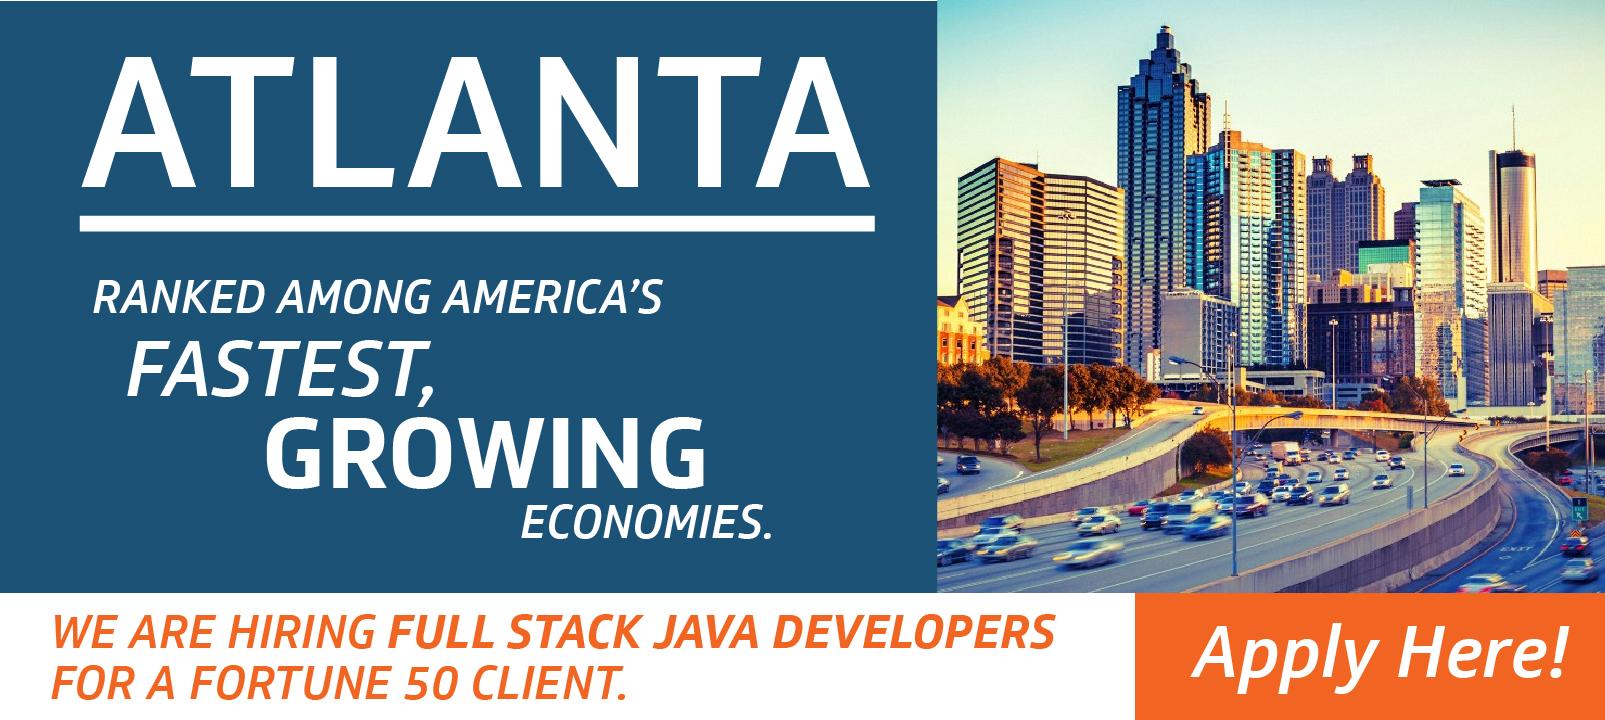 Jobs in Atlanta